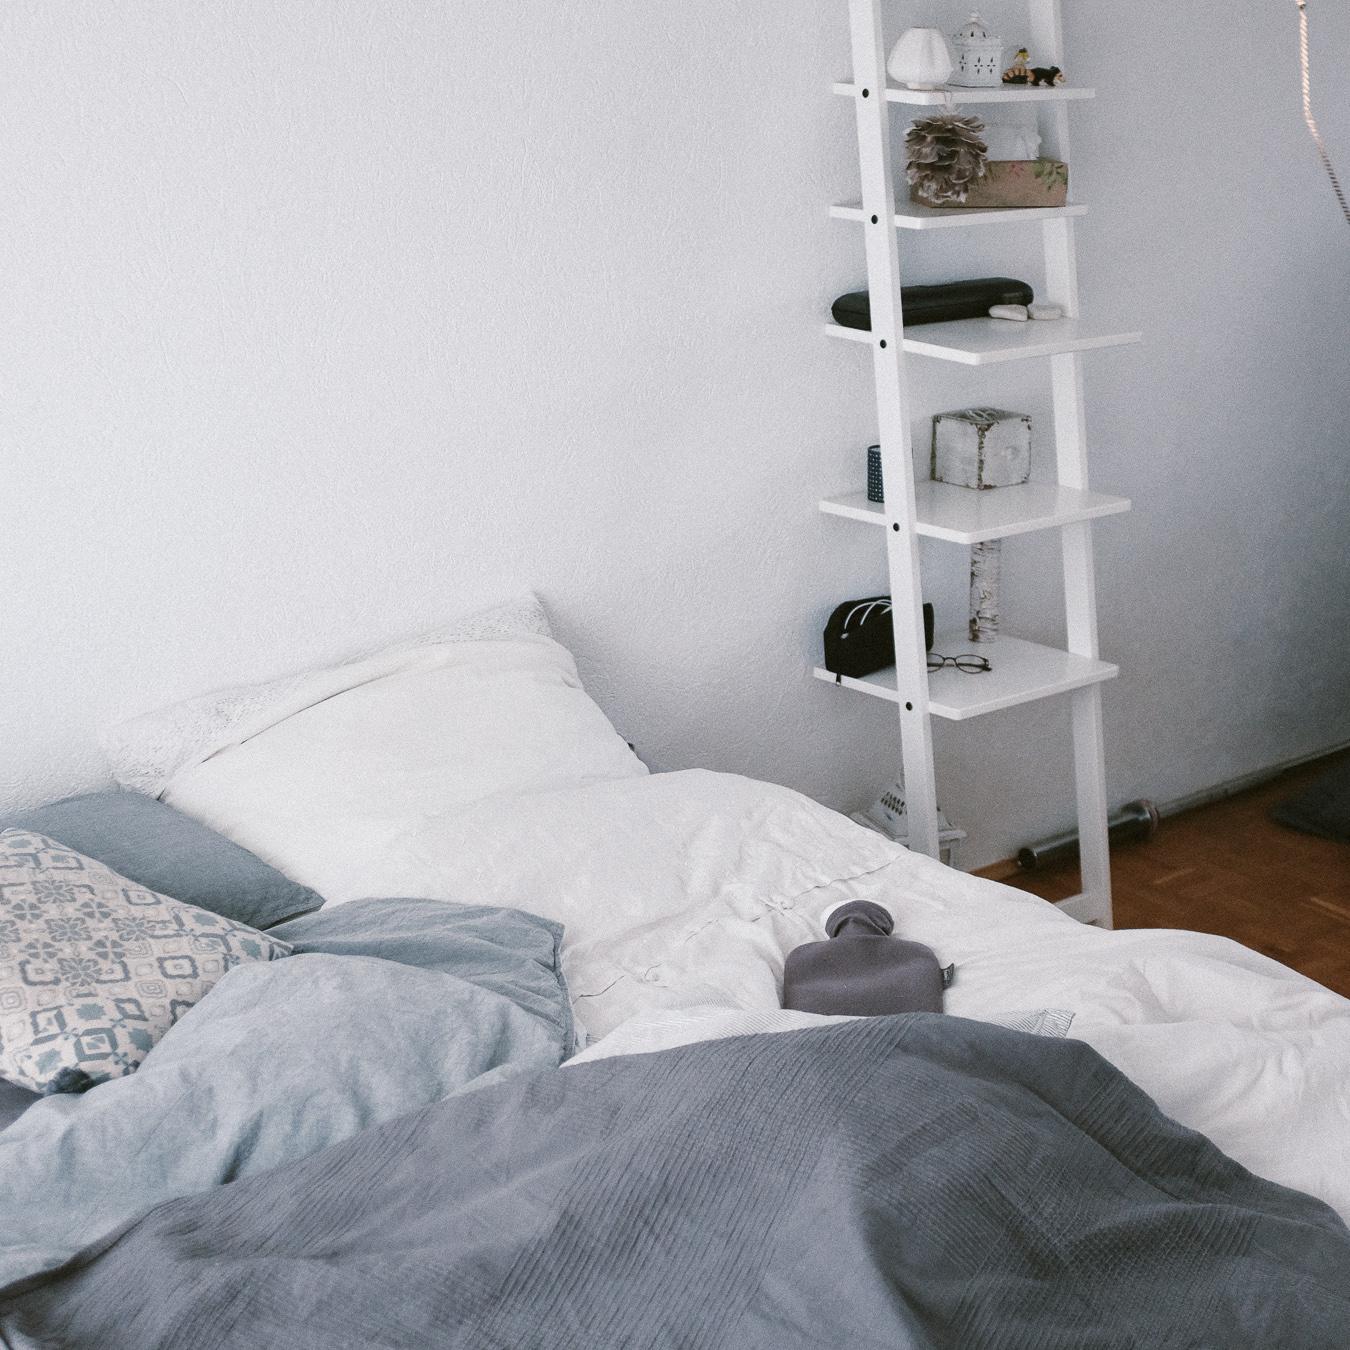 Schlaf - ein Impuls